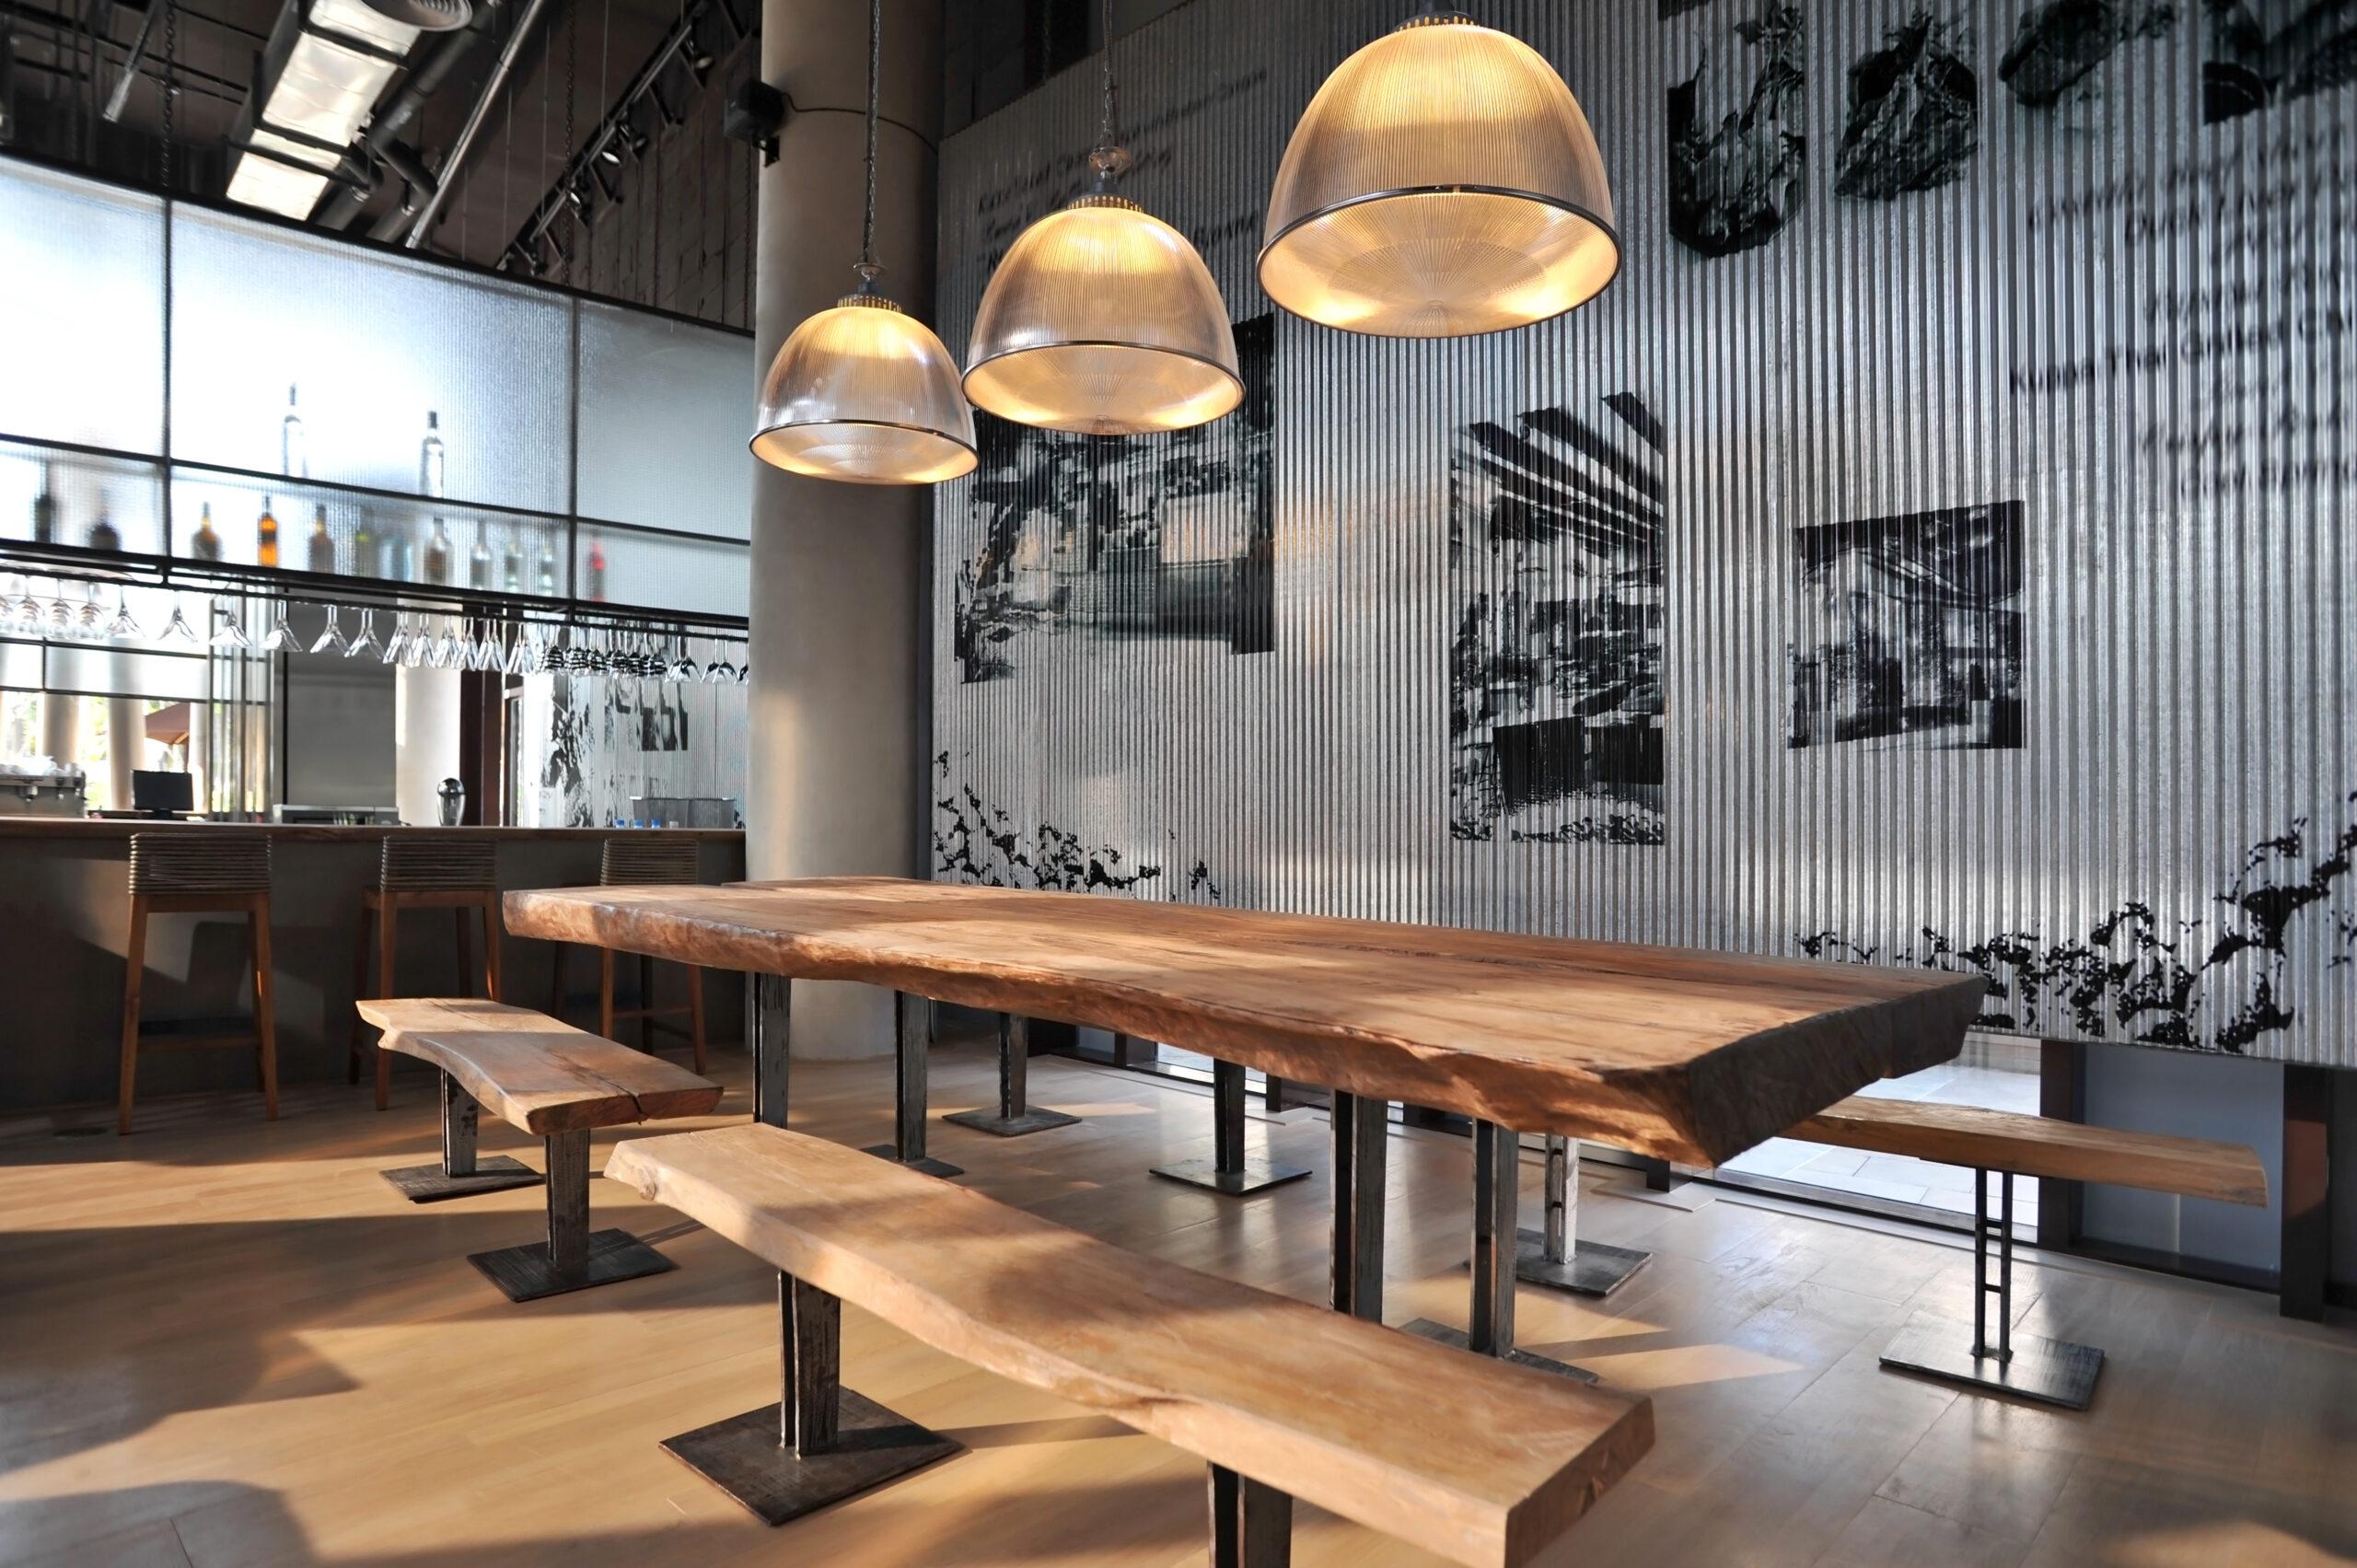 Full Size of Ikea Küchenbank Rustikale Esszimmer Kchendesignmagazin Lassen Sie Sich Inspirieren Küche Kosten Modulküche Sofa Mit Schlaffunktion Kaufen Miniküche Betten Wohnzimmer Ikea Küchenbank